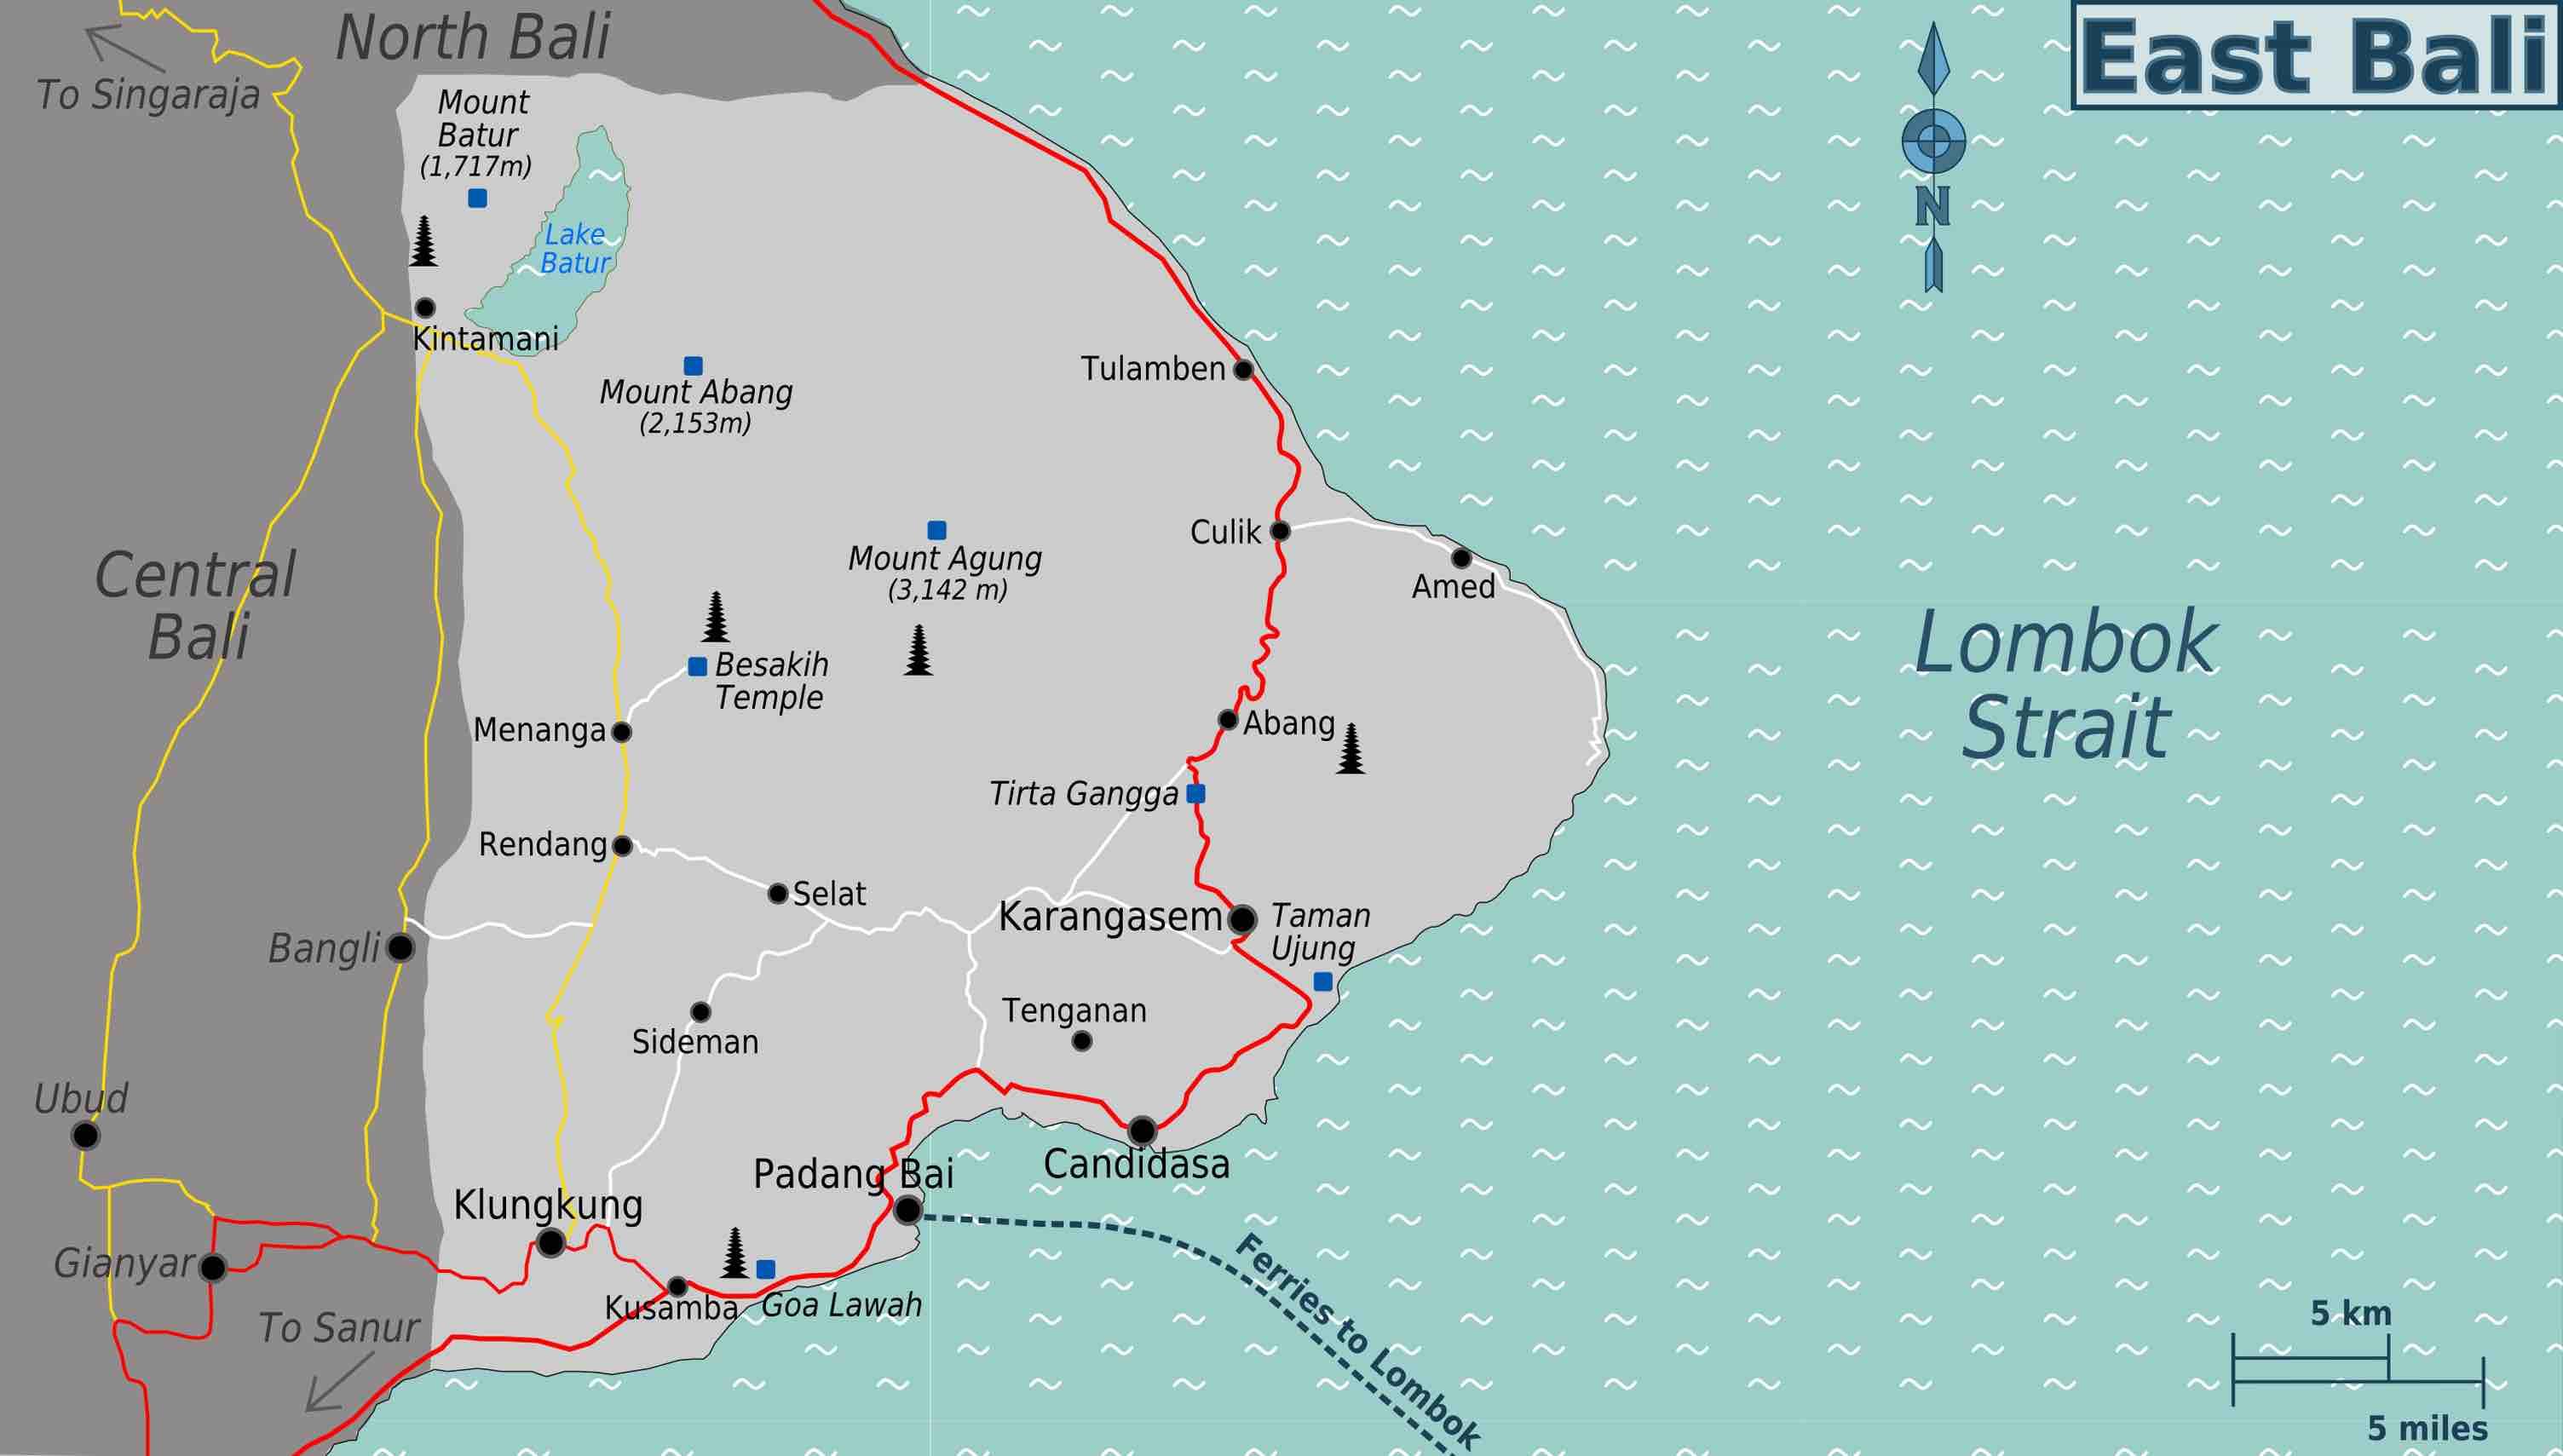 Carte Bali Candidasa.Guide Complet Pour Visiter L Est De Bali Candidasa Amed